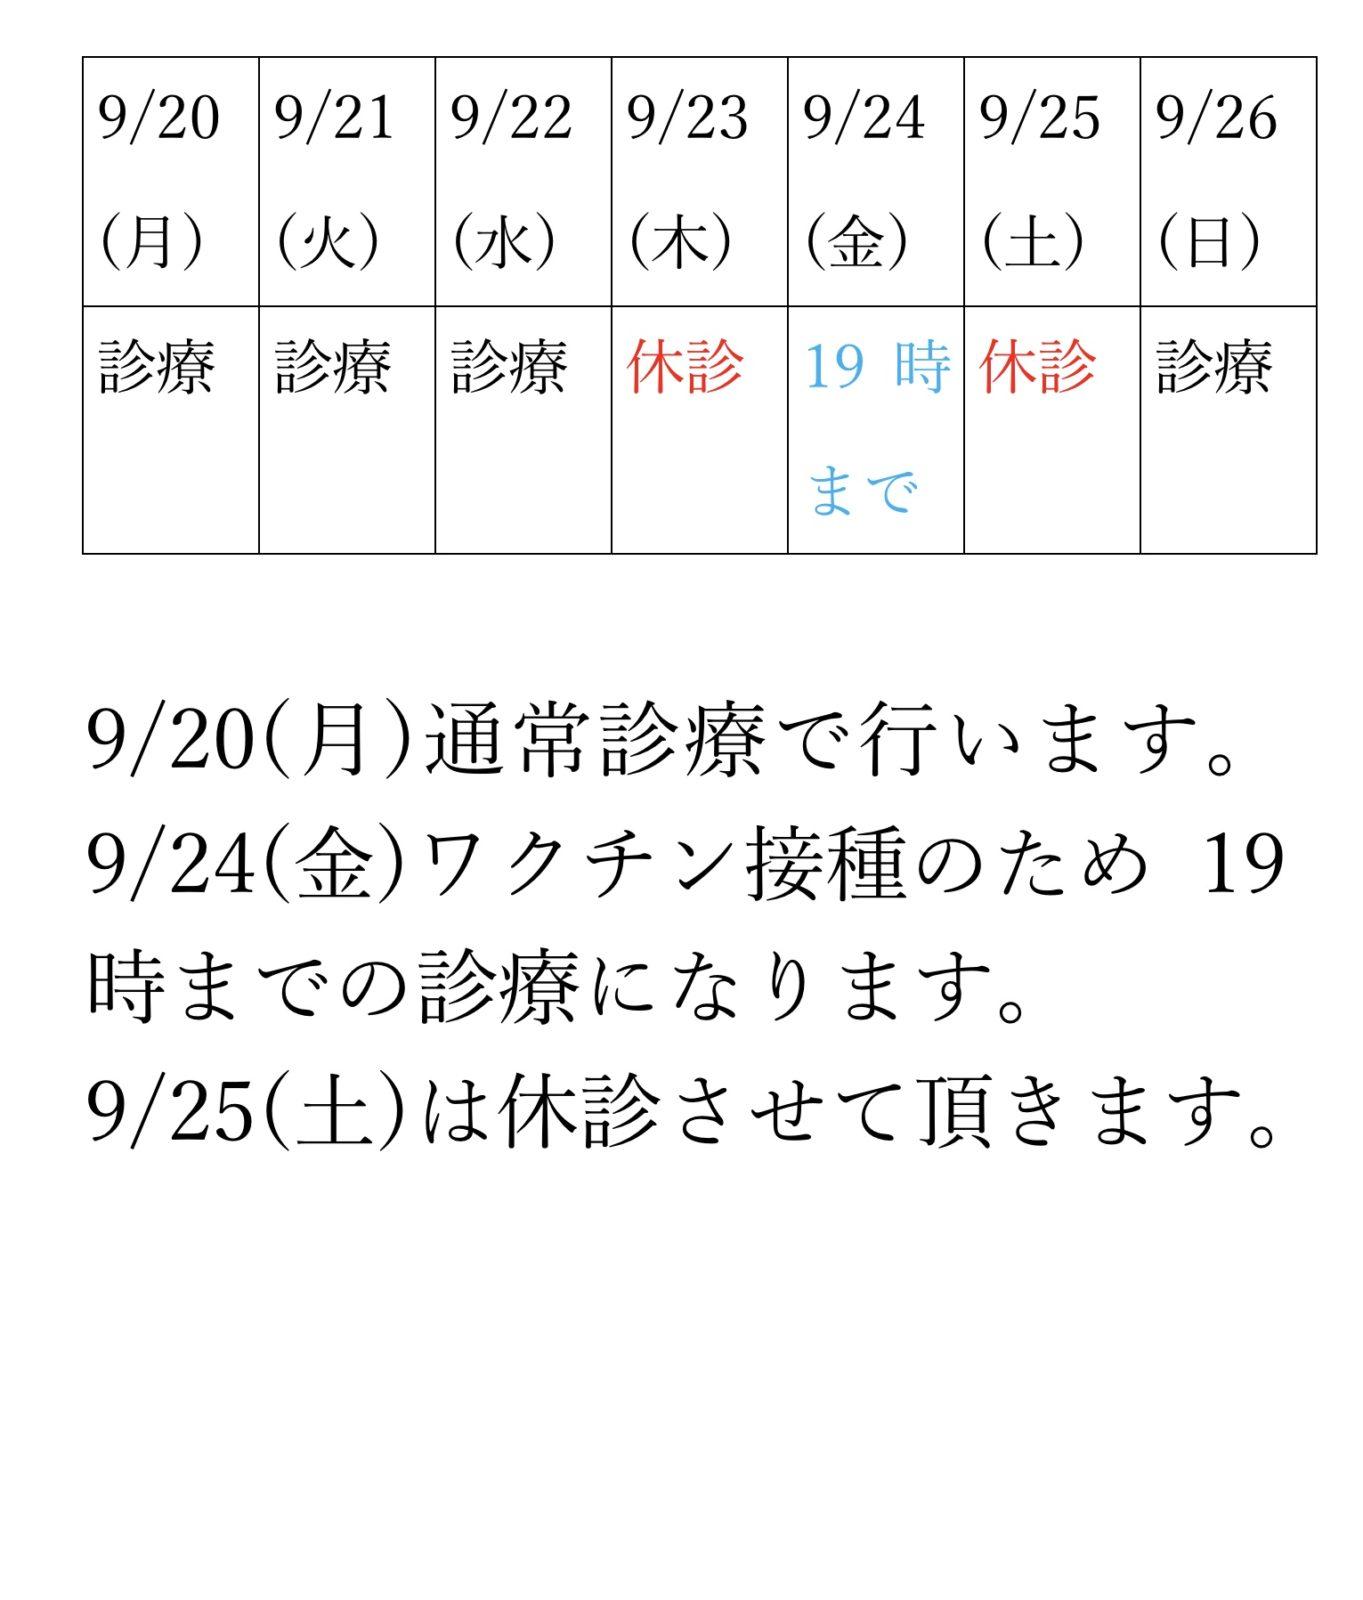 2f929aa3-ab44-45f4-b972-0d84aae3f68c